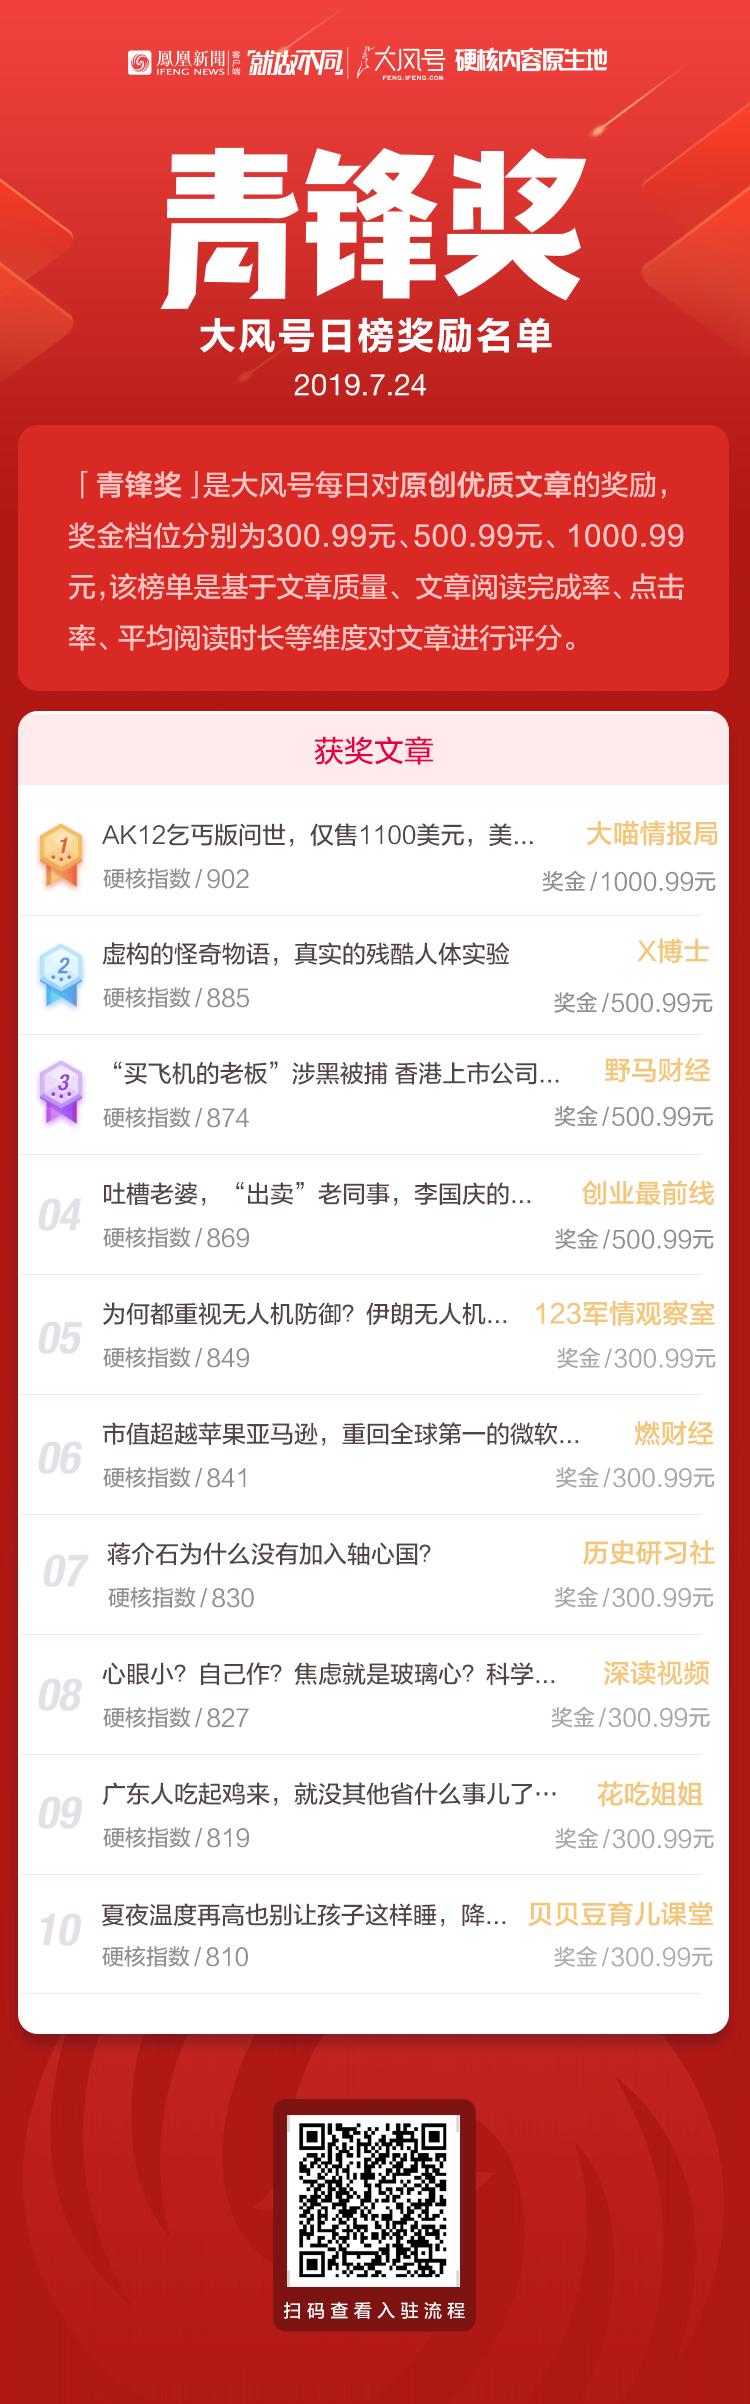 <b>大风号「青锋奖」榜单公布(7月24日)</b>